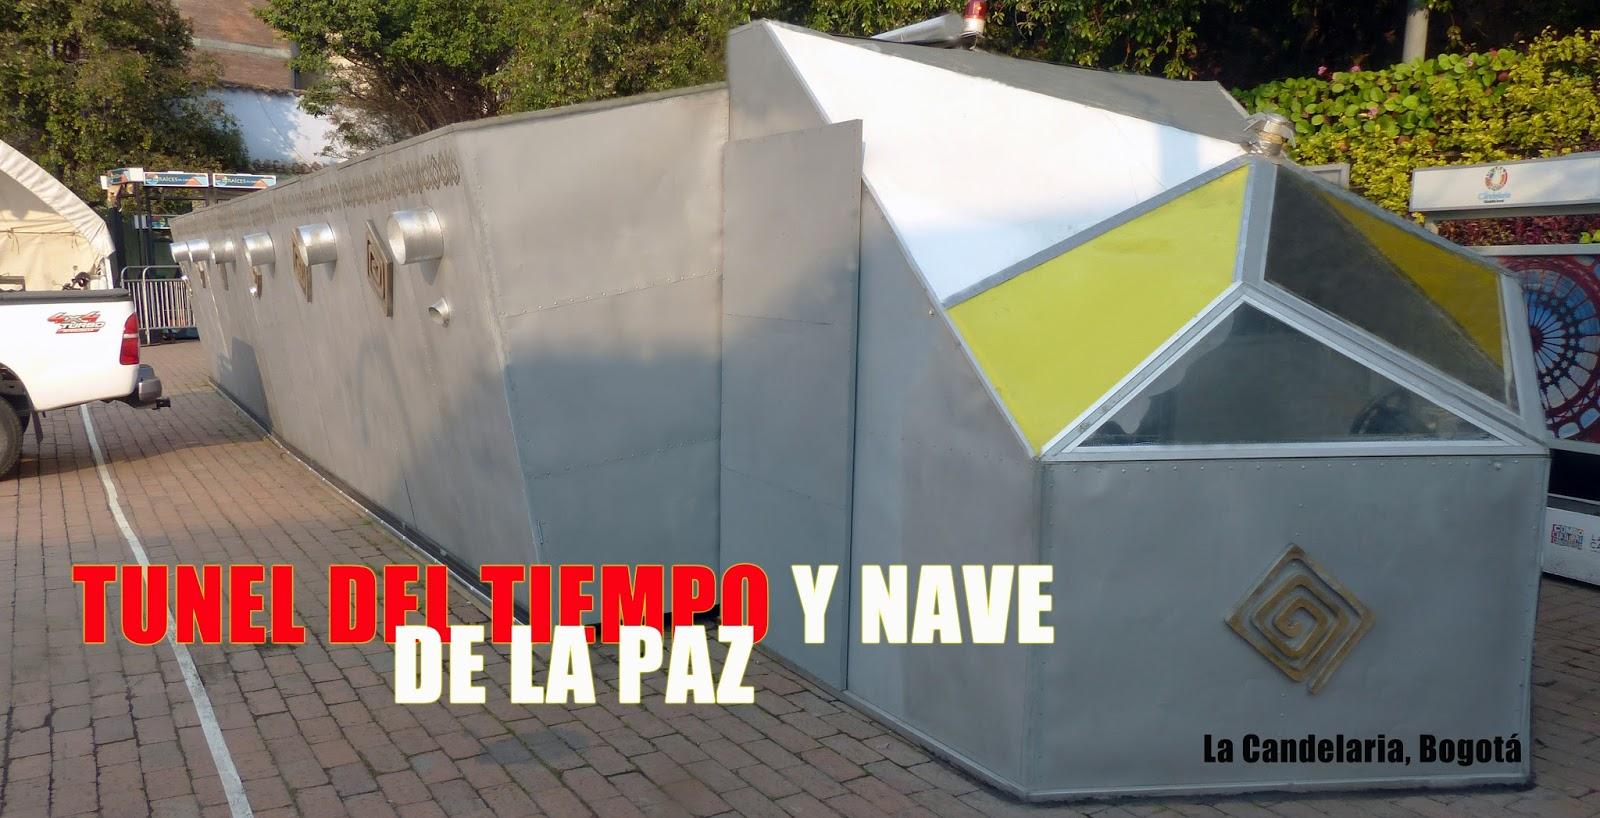 Suceso: Aula- Nave aterriza en  La Candelaria, Bogotá